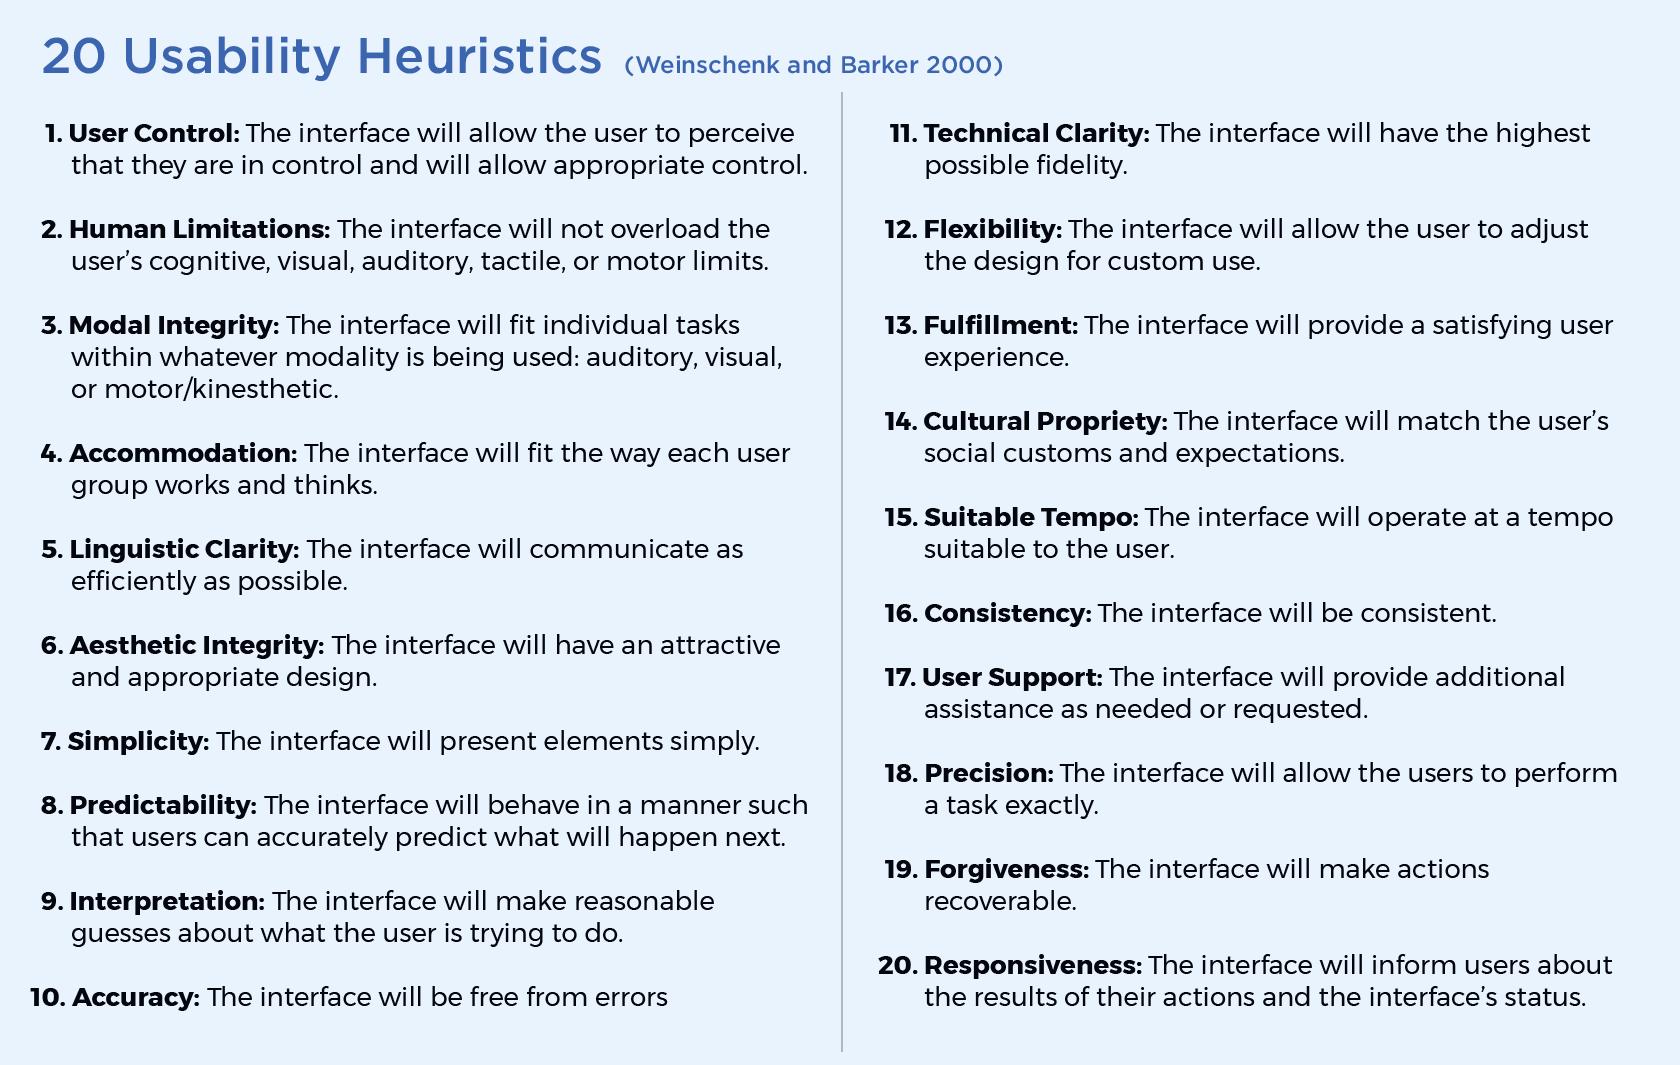 20 usability heuristics